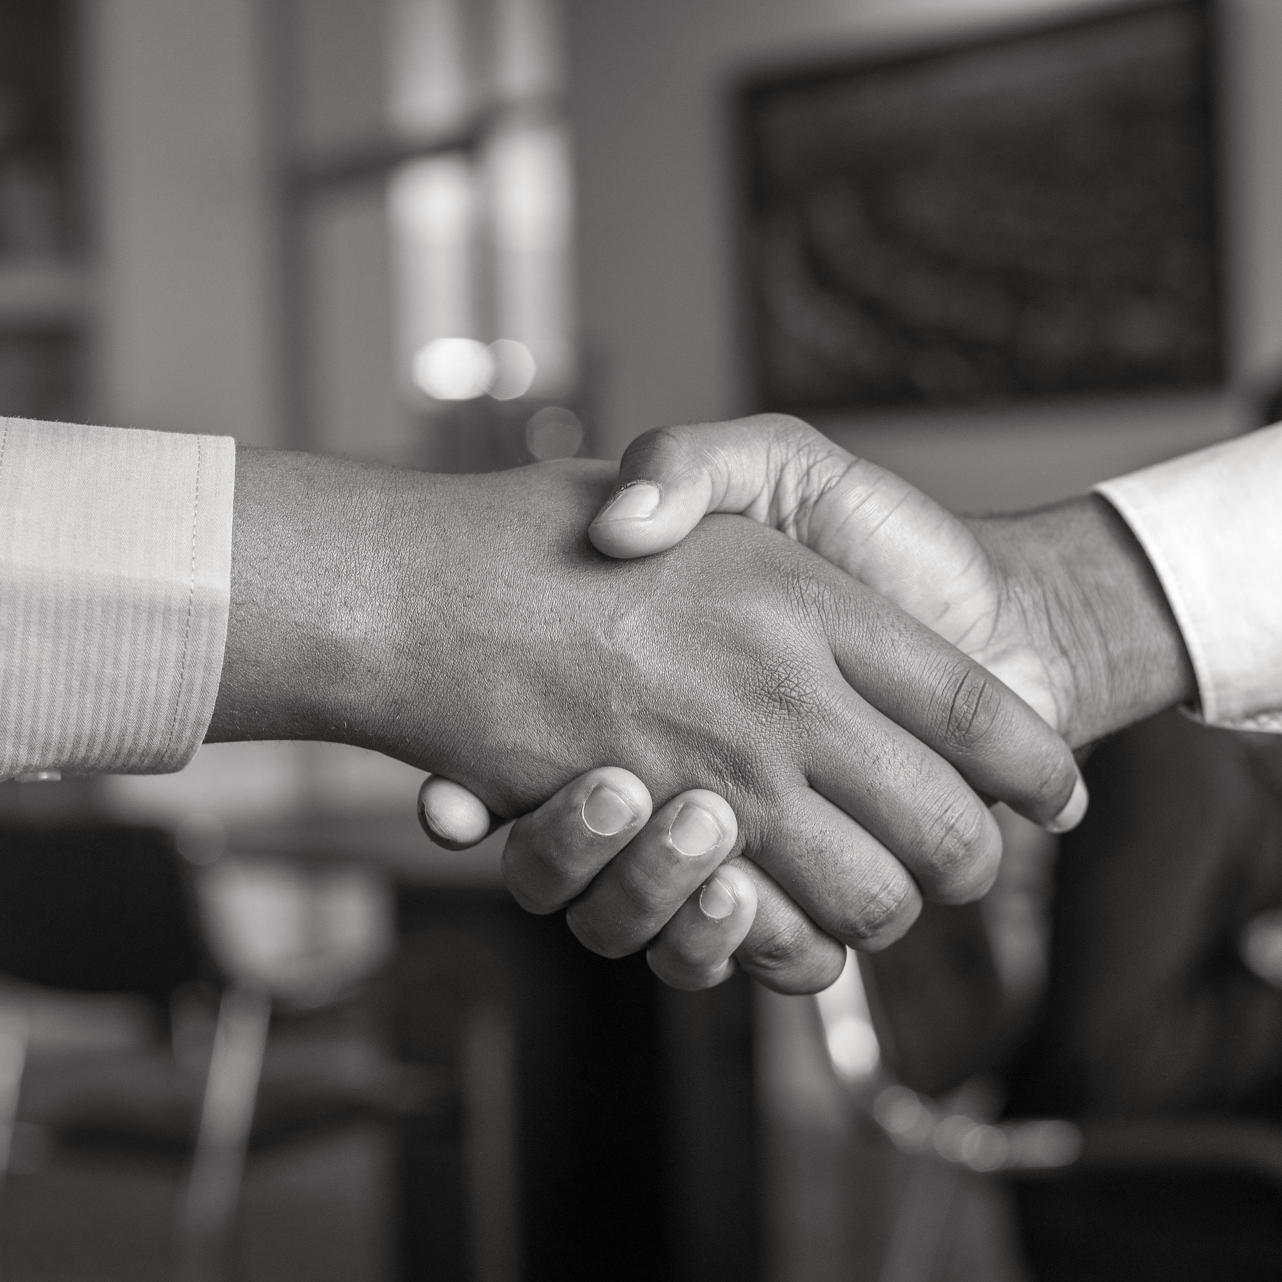 Wir kooperieren gerne mit anderen Web-Agenturen und Softwarehäusern